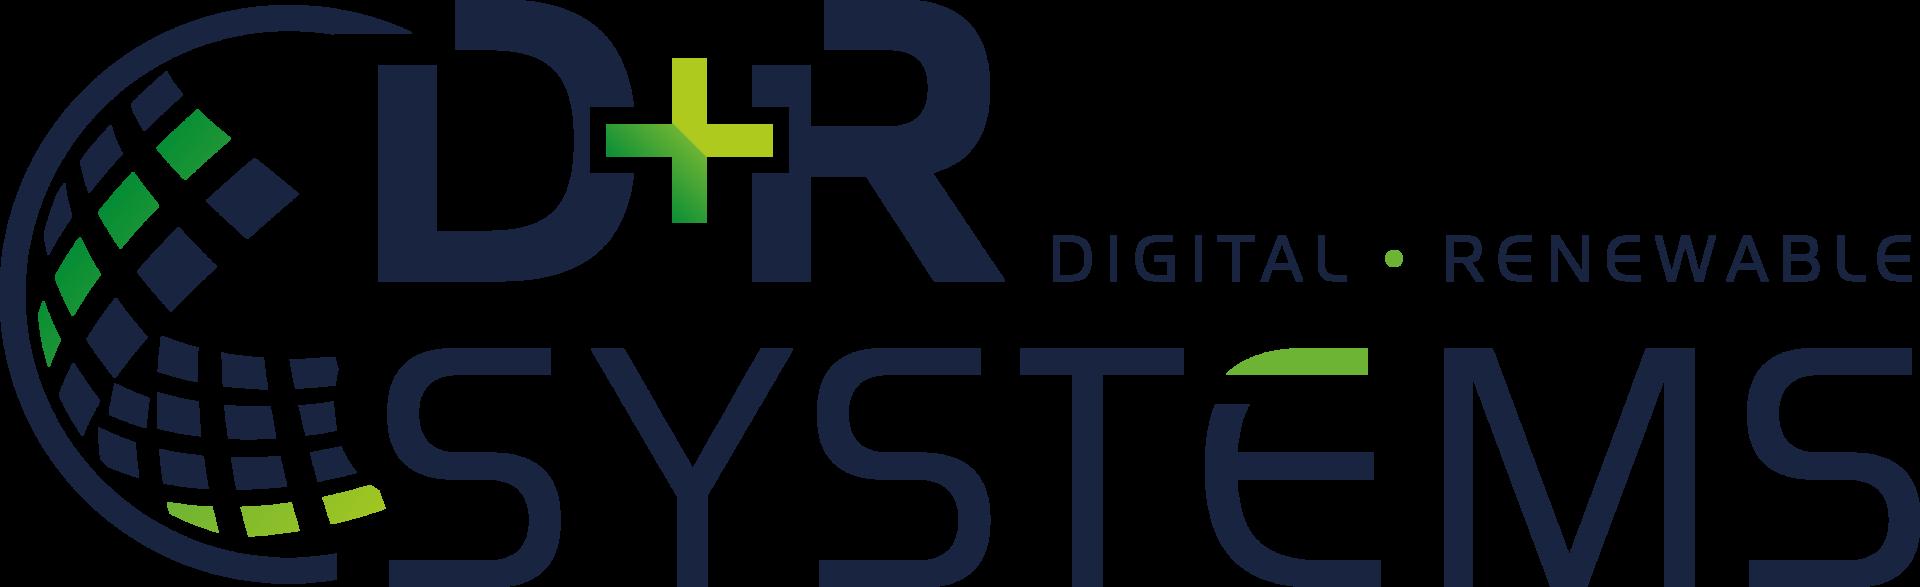 D+R Systems GmbH - IT Beratung und Dienstleistungen für kleine- und mittelständische Unternehmen.